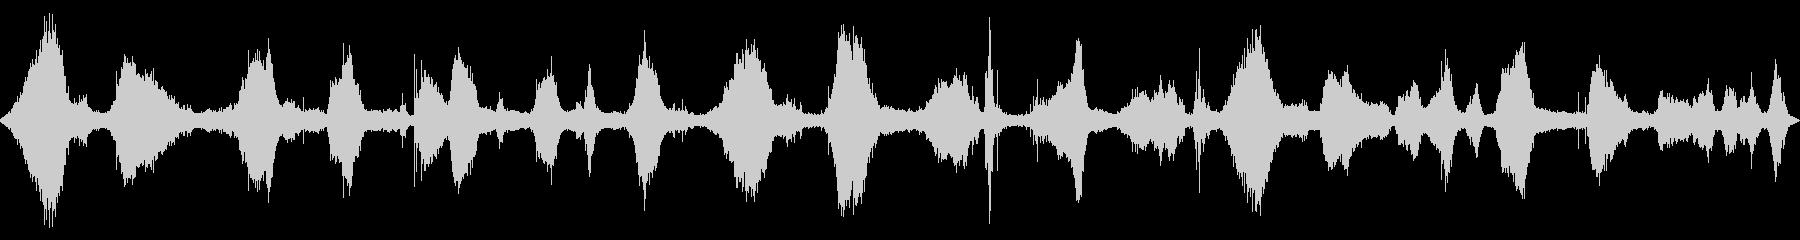 大浜海岸の波の音 4 【徳島】の未再生の波形